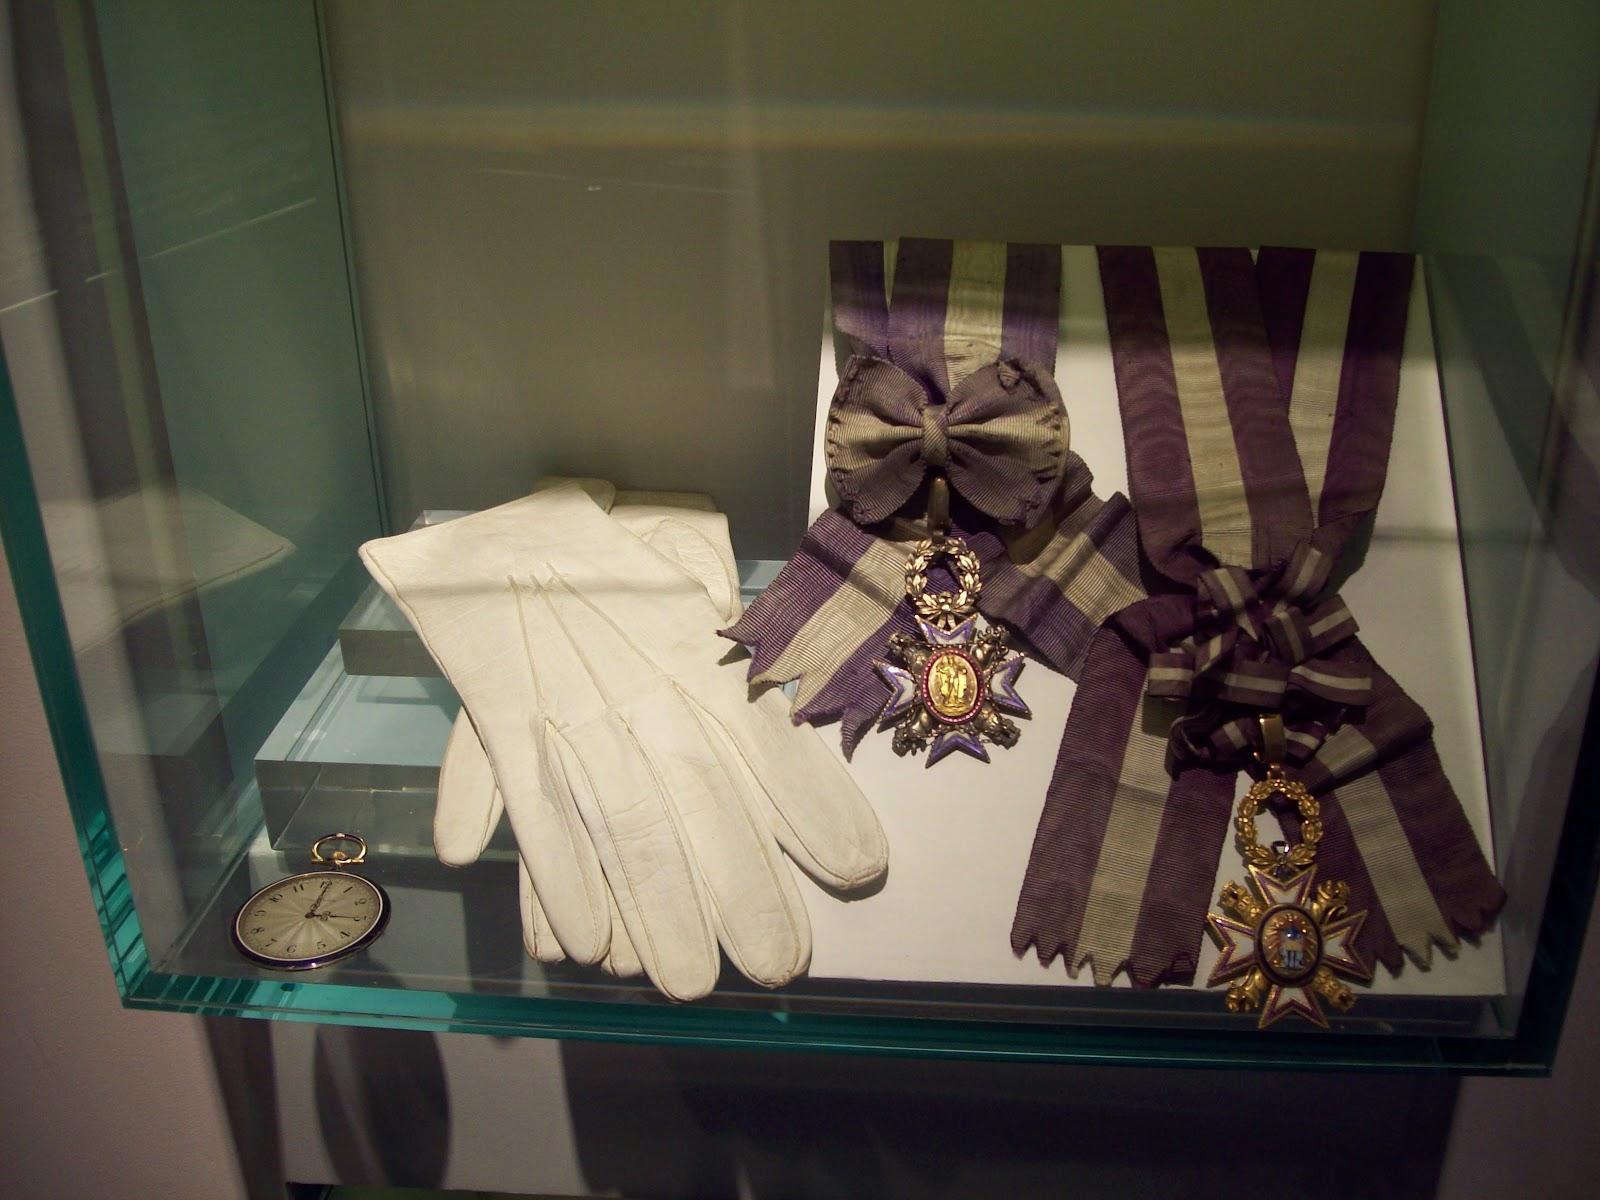 File:Orden, guantes y reloj.JPG